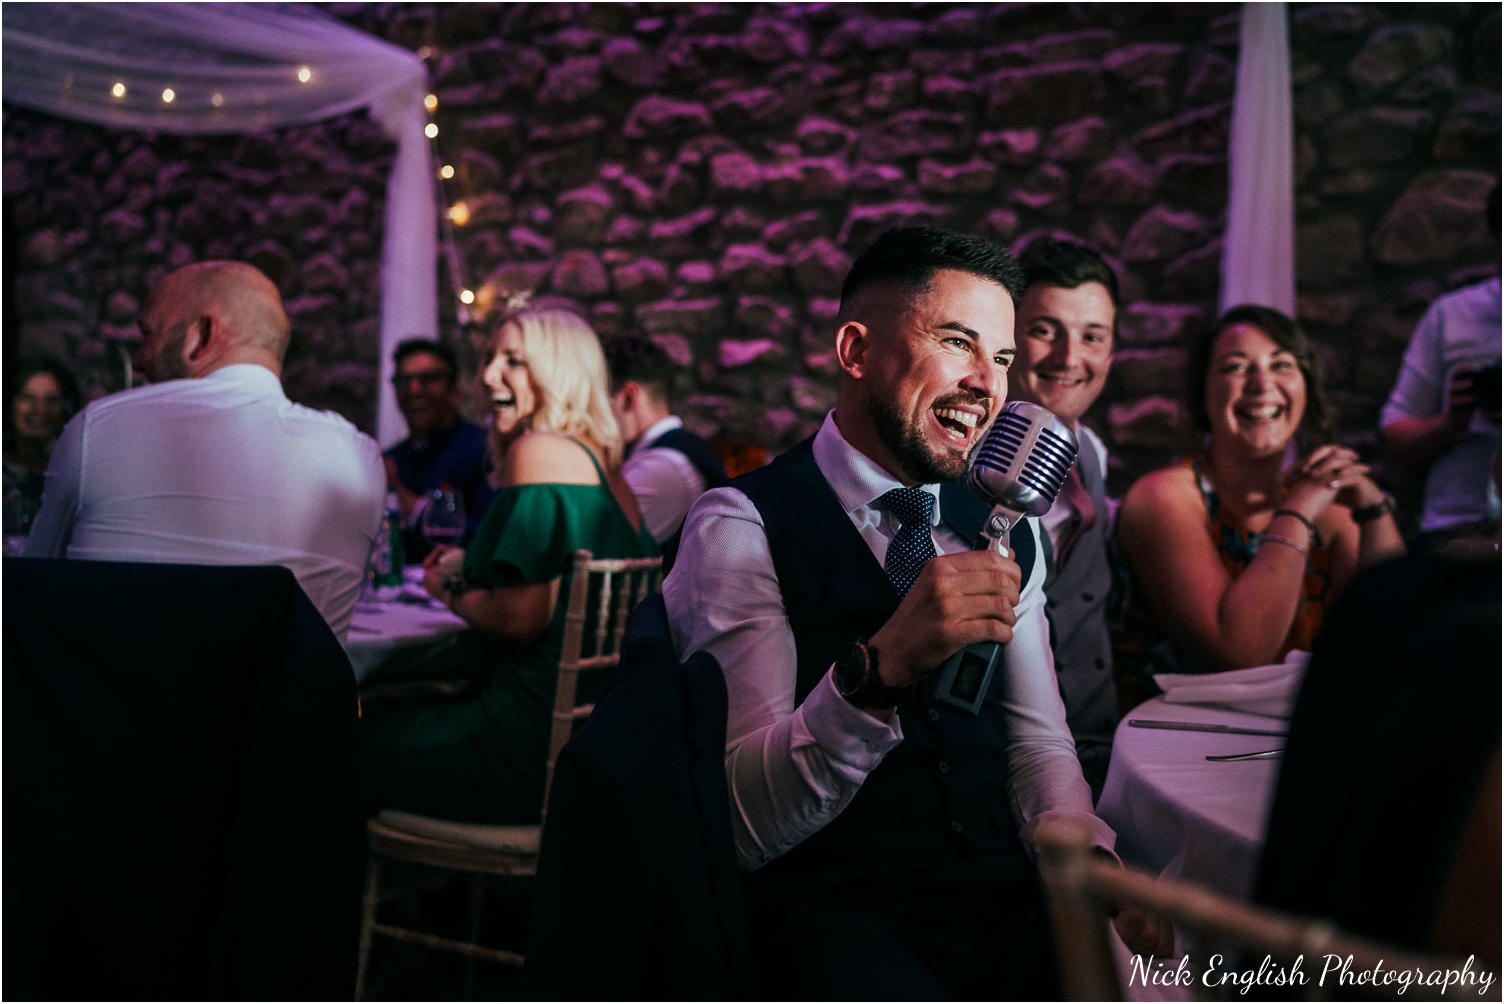 Browsholme_Hall_Barn_Wedding_Nick_English_Photography-123.jpg